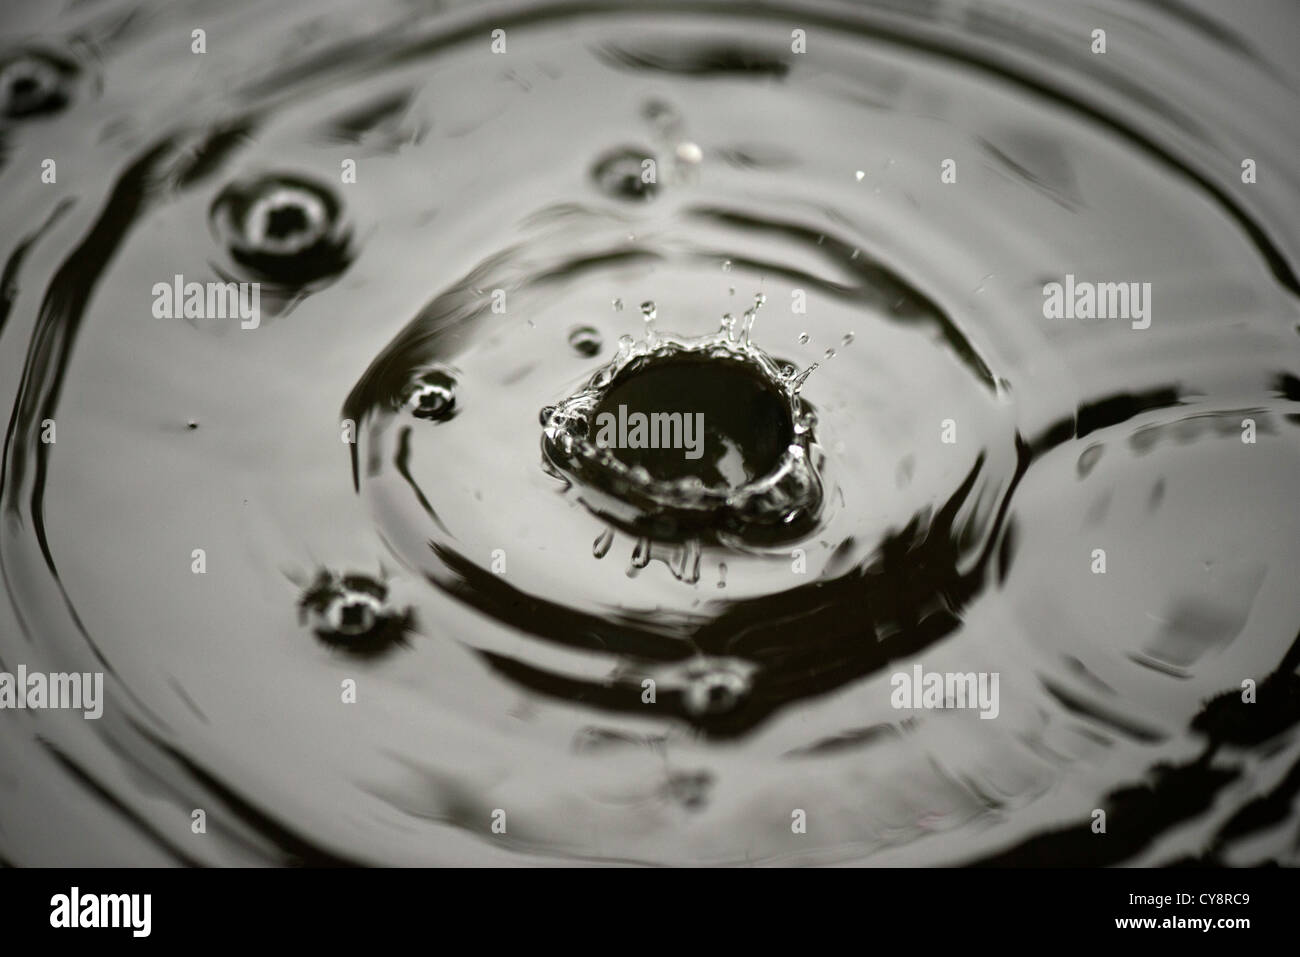 Drops splashing on water - Stock Image